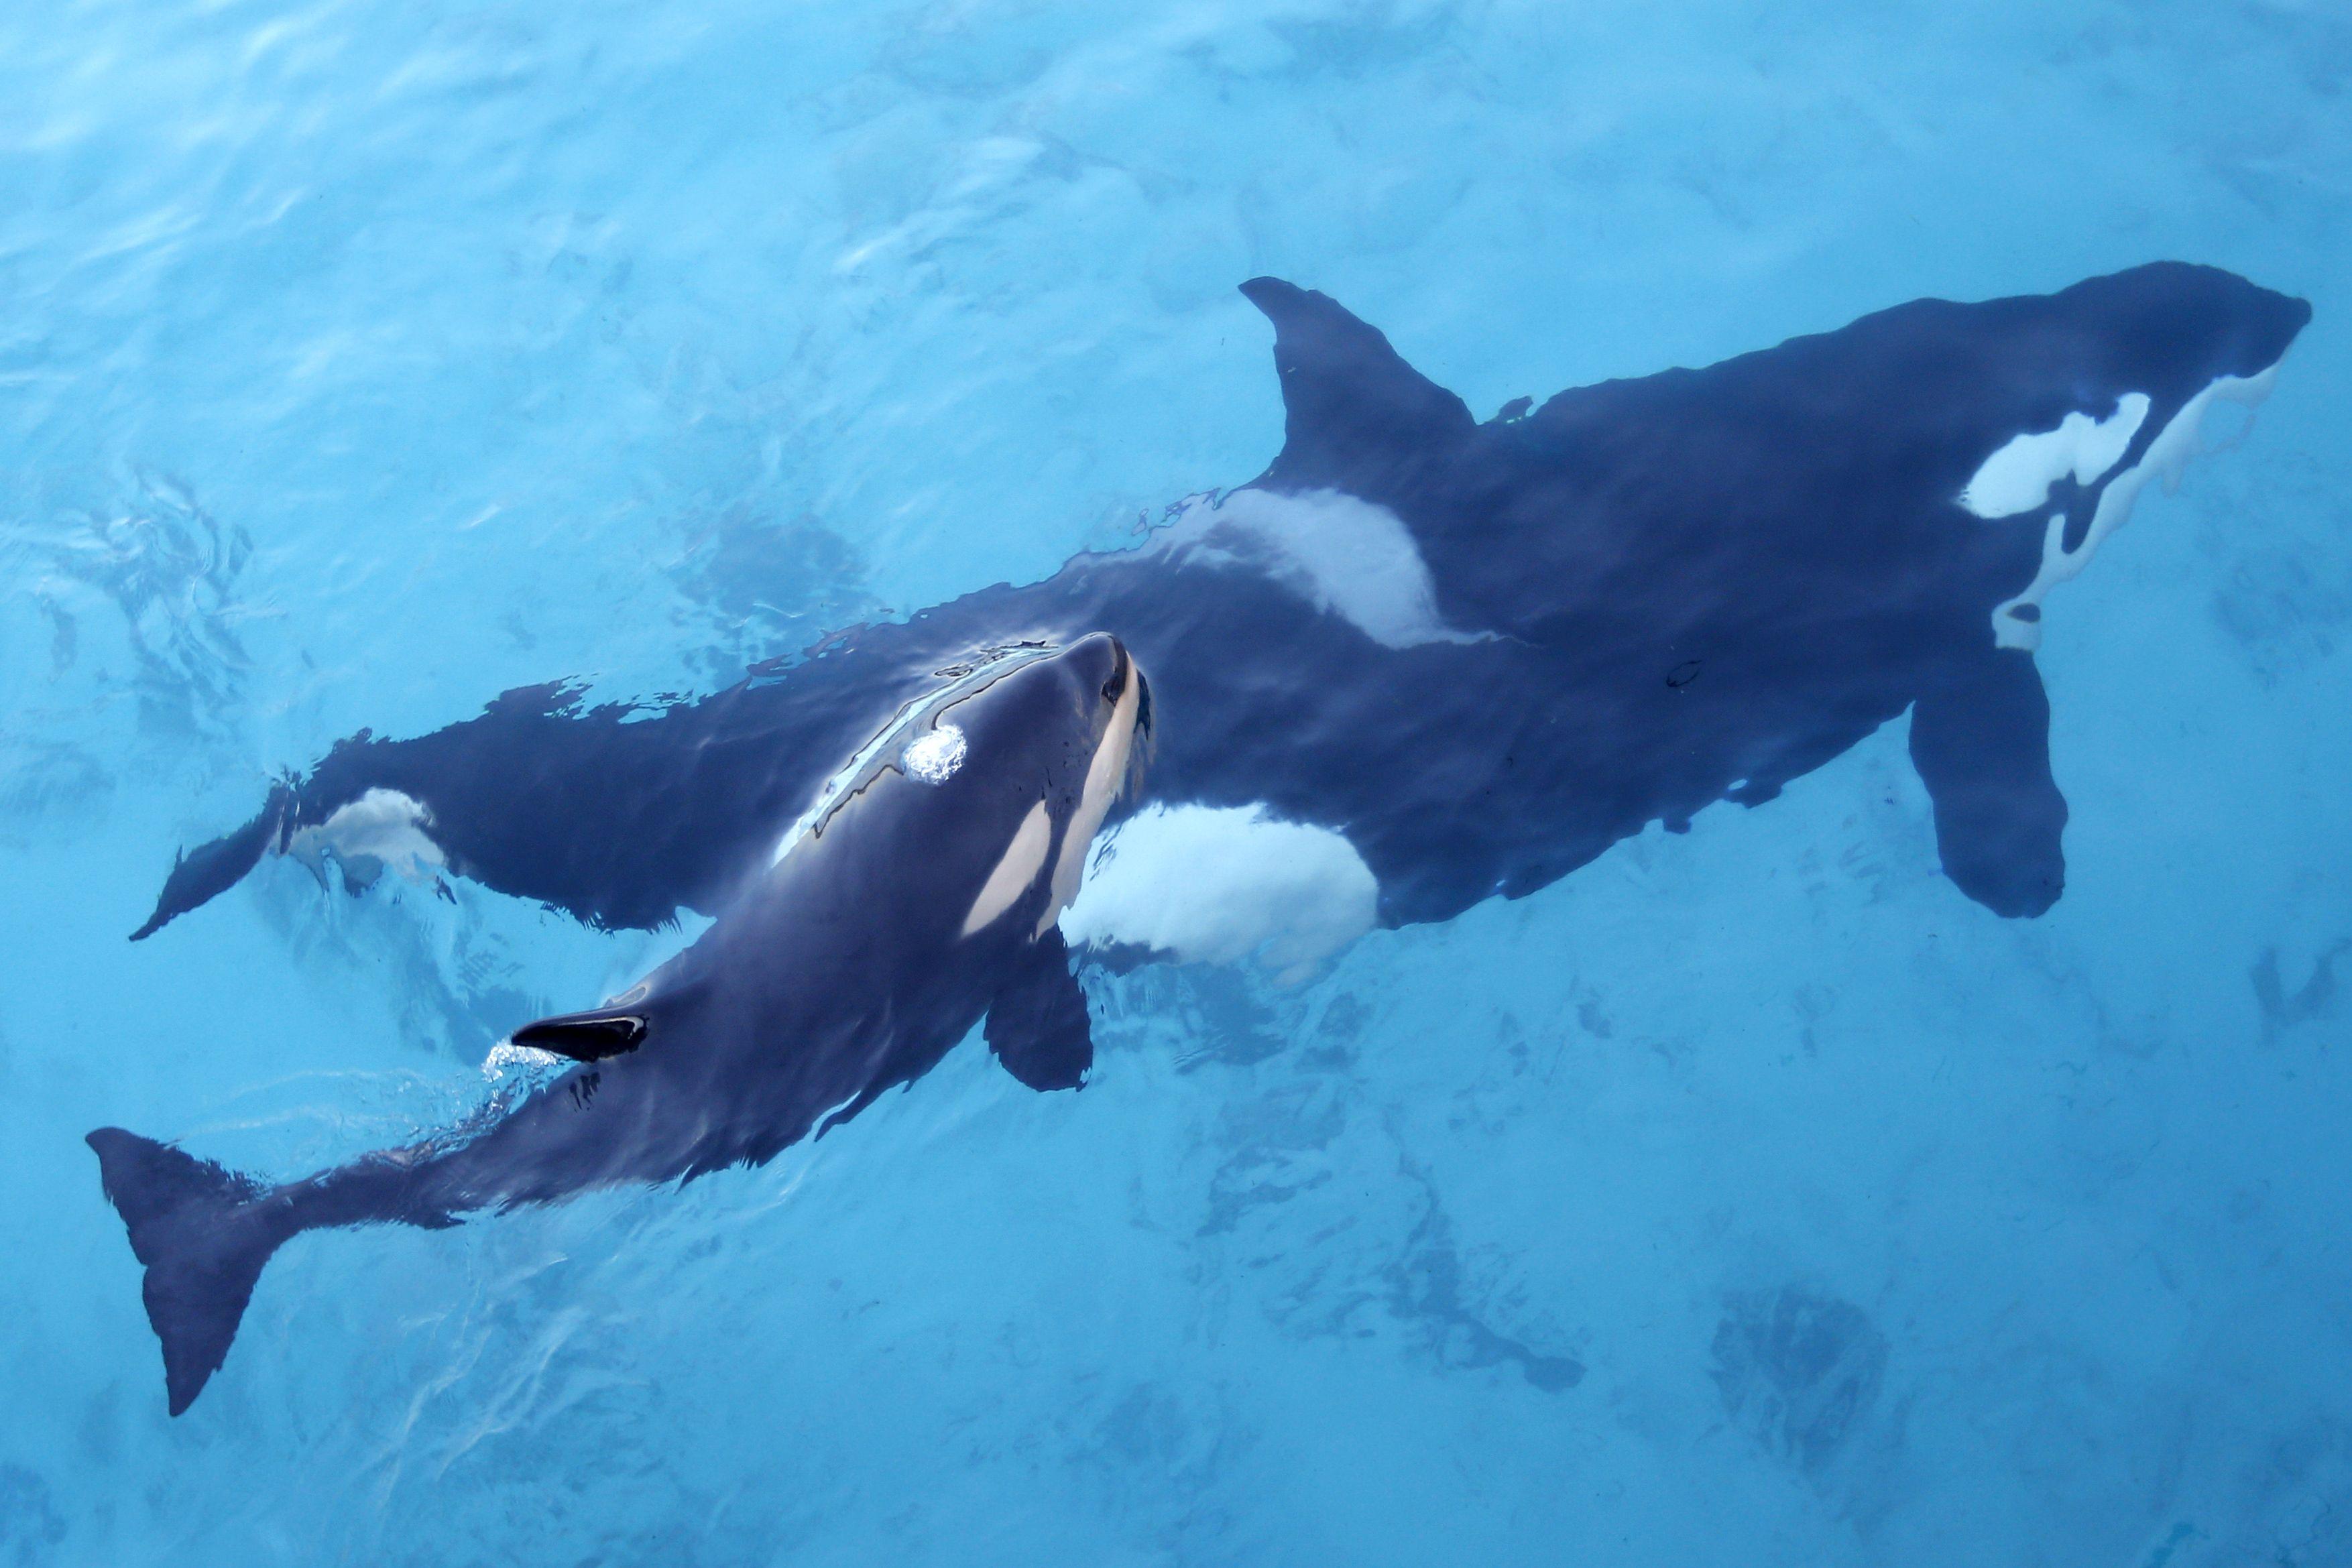 Vergessen Sie Papageien Jetzt Plappern Orcas Ausgestopftes Tier Arktische Tiere Niedliche Tierbilder